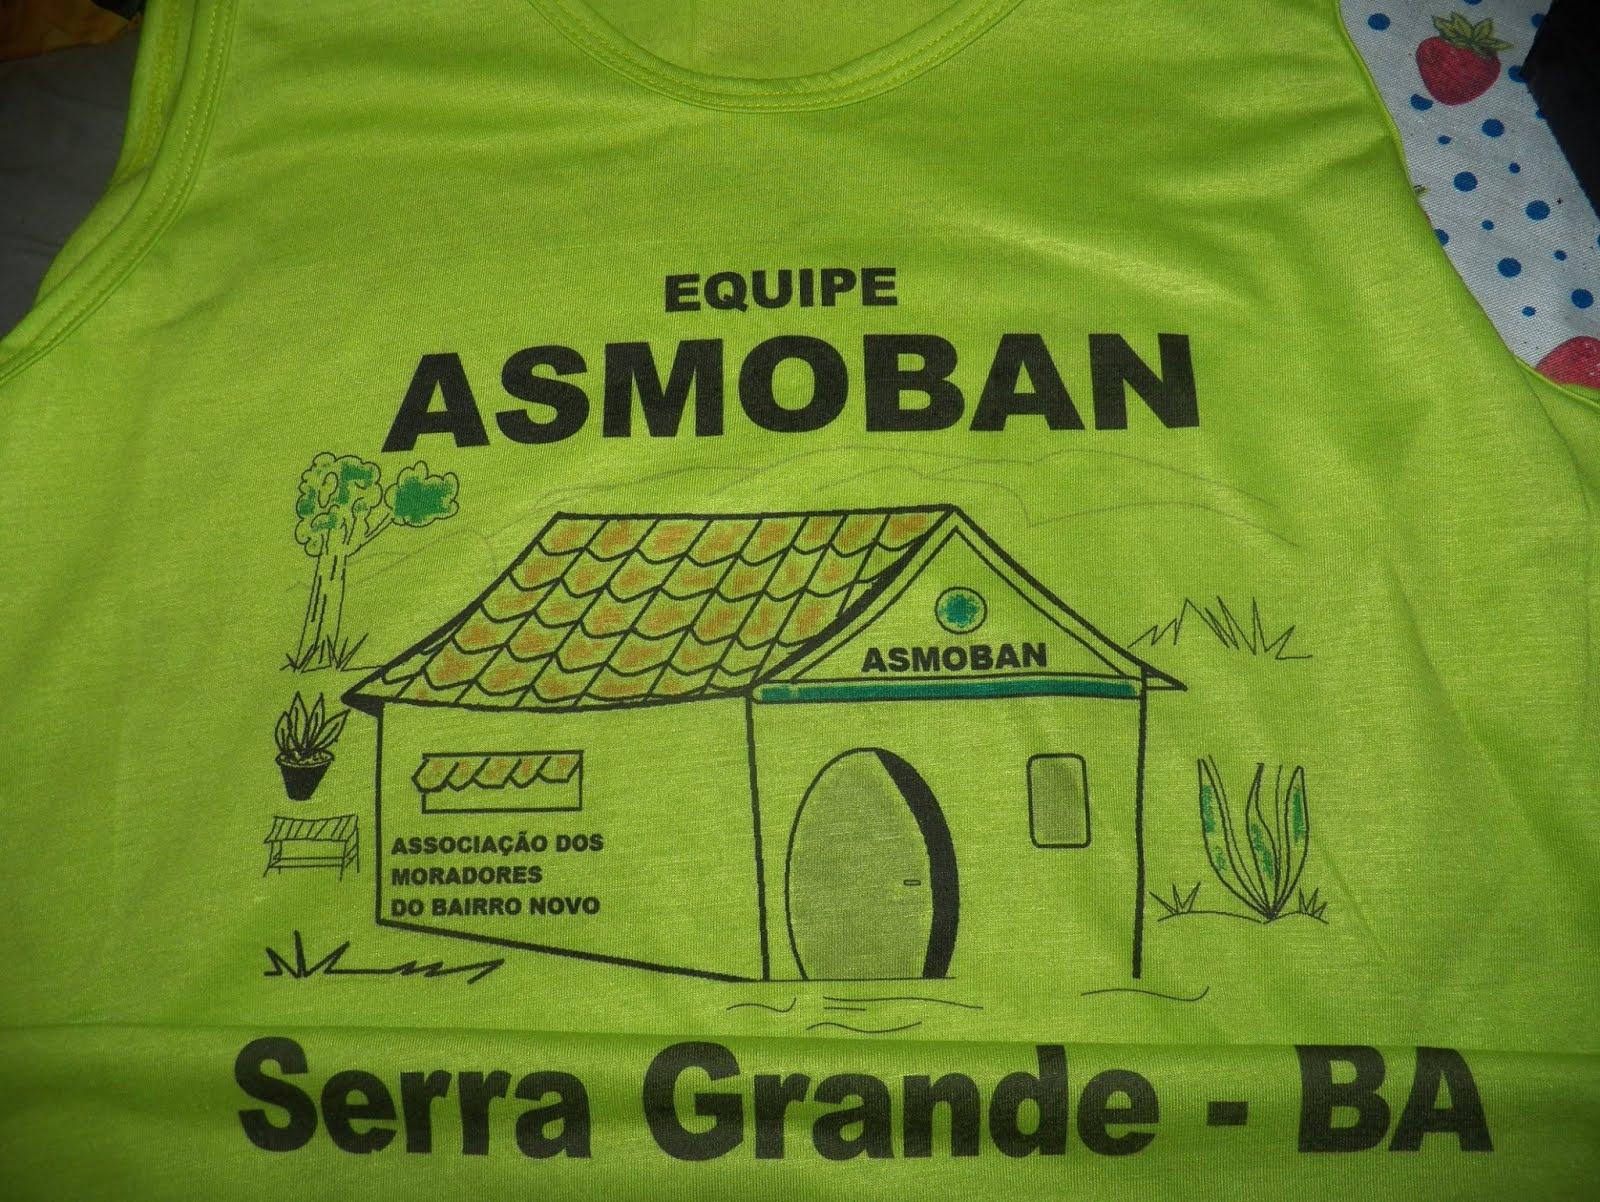 ASMOBAN